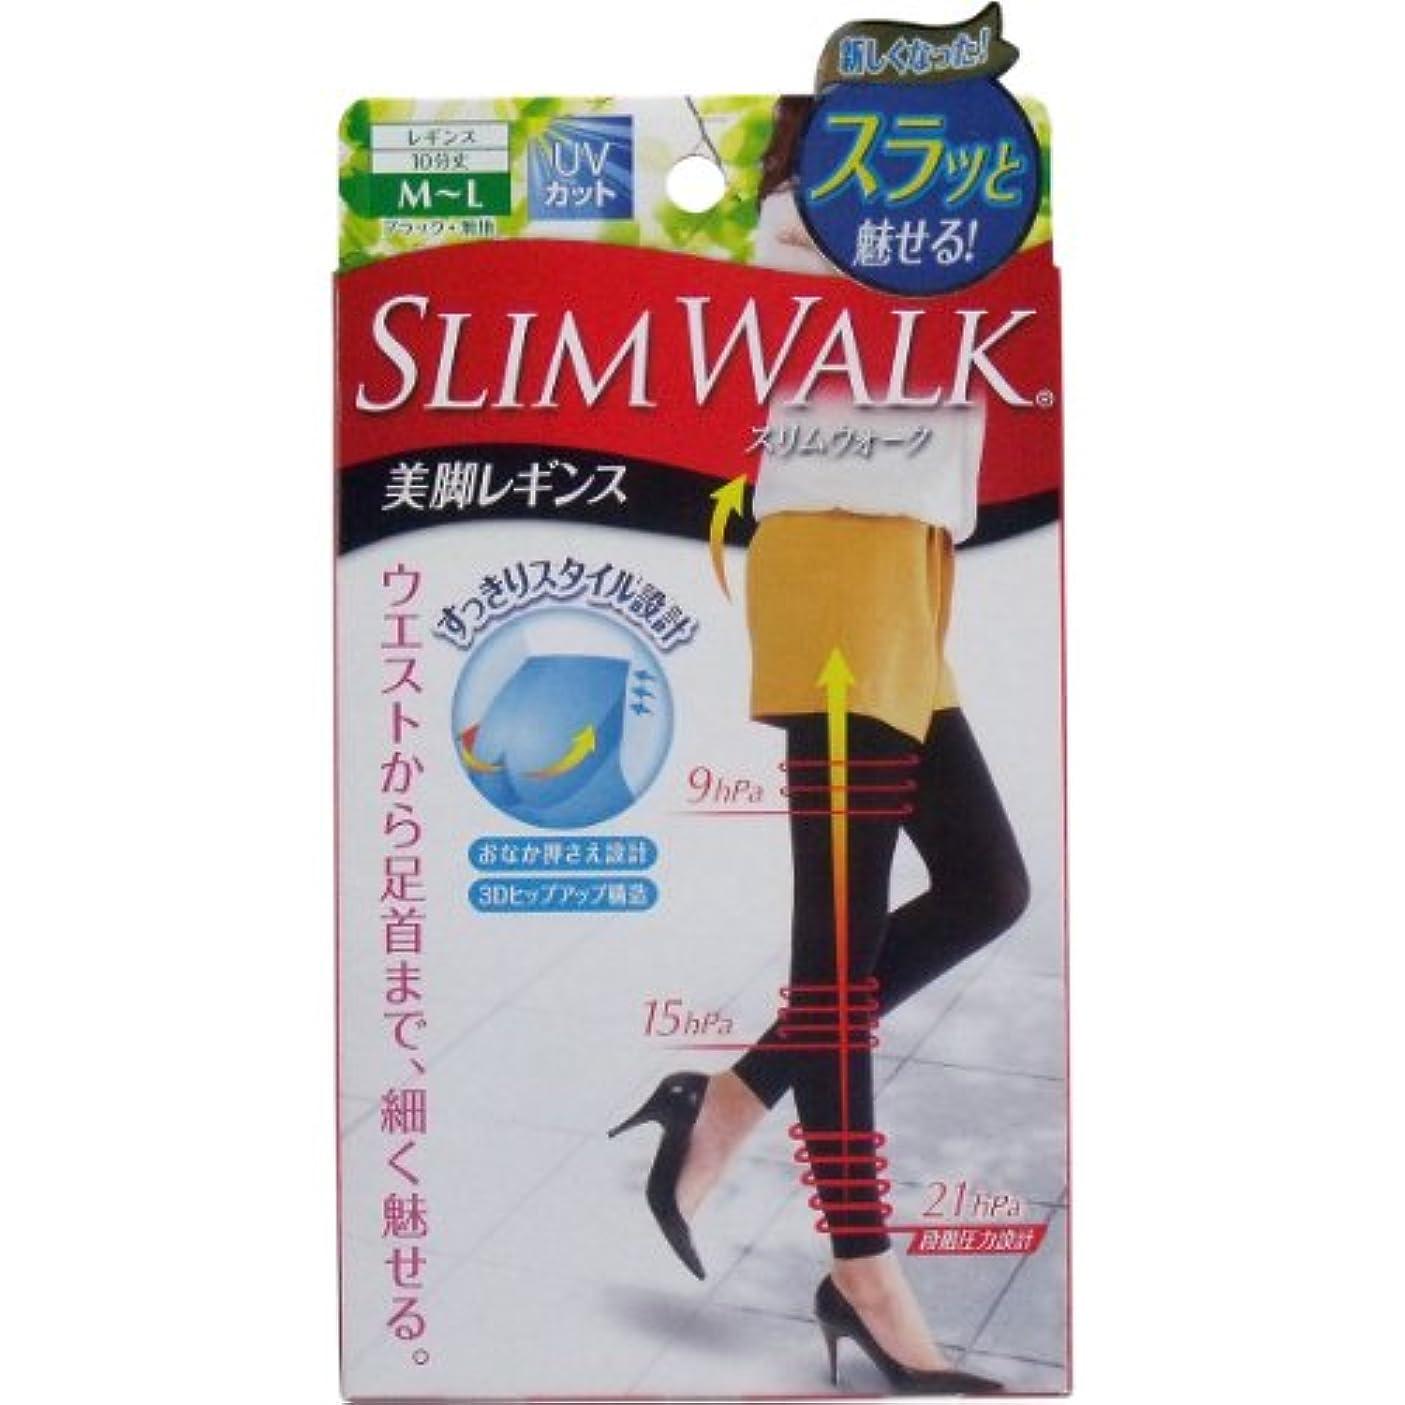 良性激怒地域スリムウォーク 美脚レギンス 10分丈 ブラック M-Lサイズ